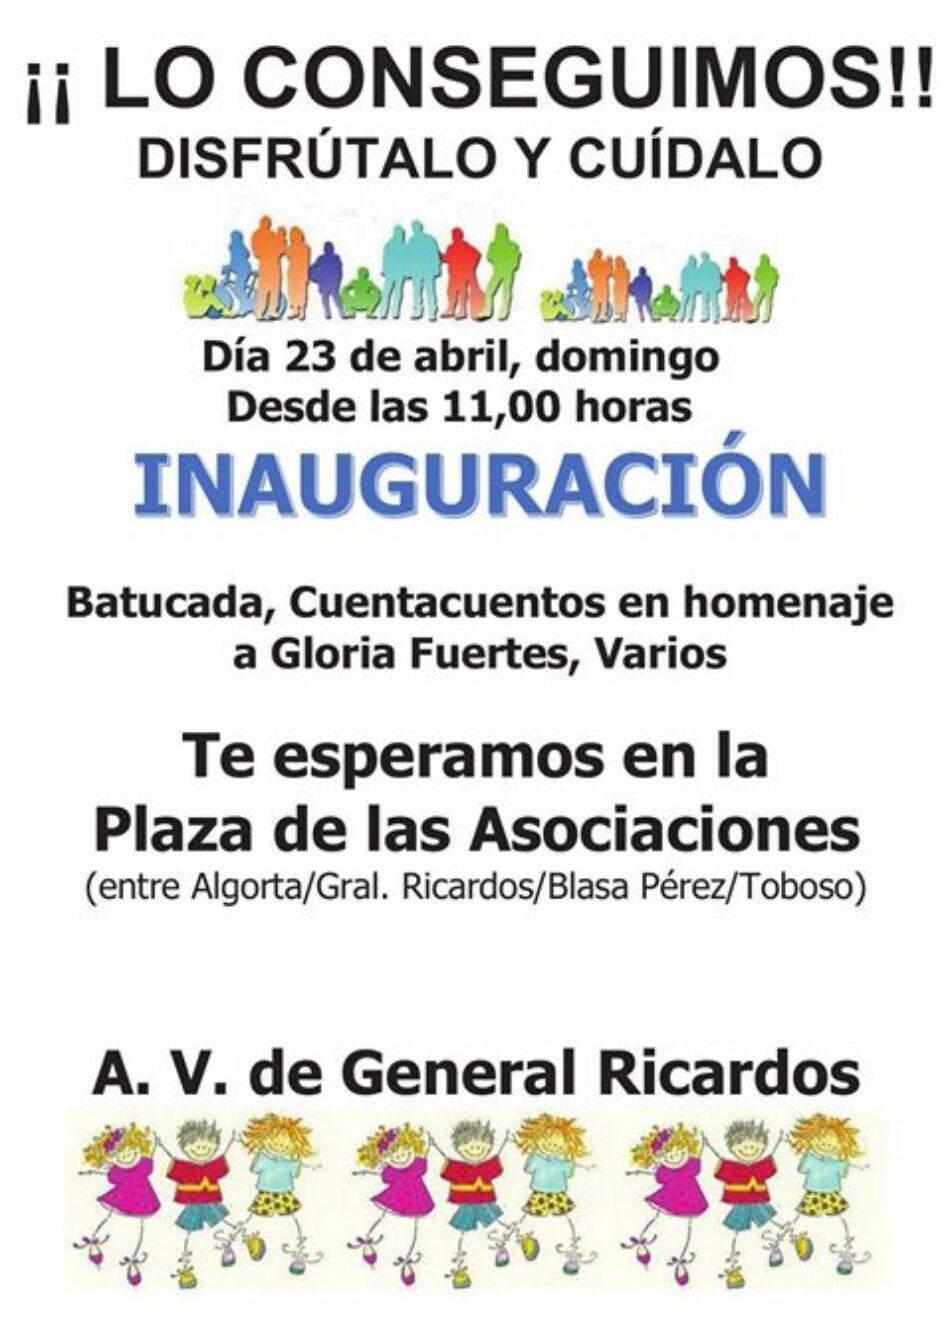 El vecindario de Carabanchel consigue por fin la transformación en parque del solar de Blasa Pérez